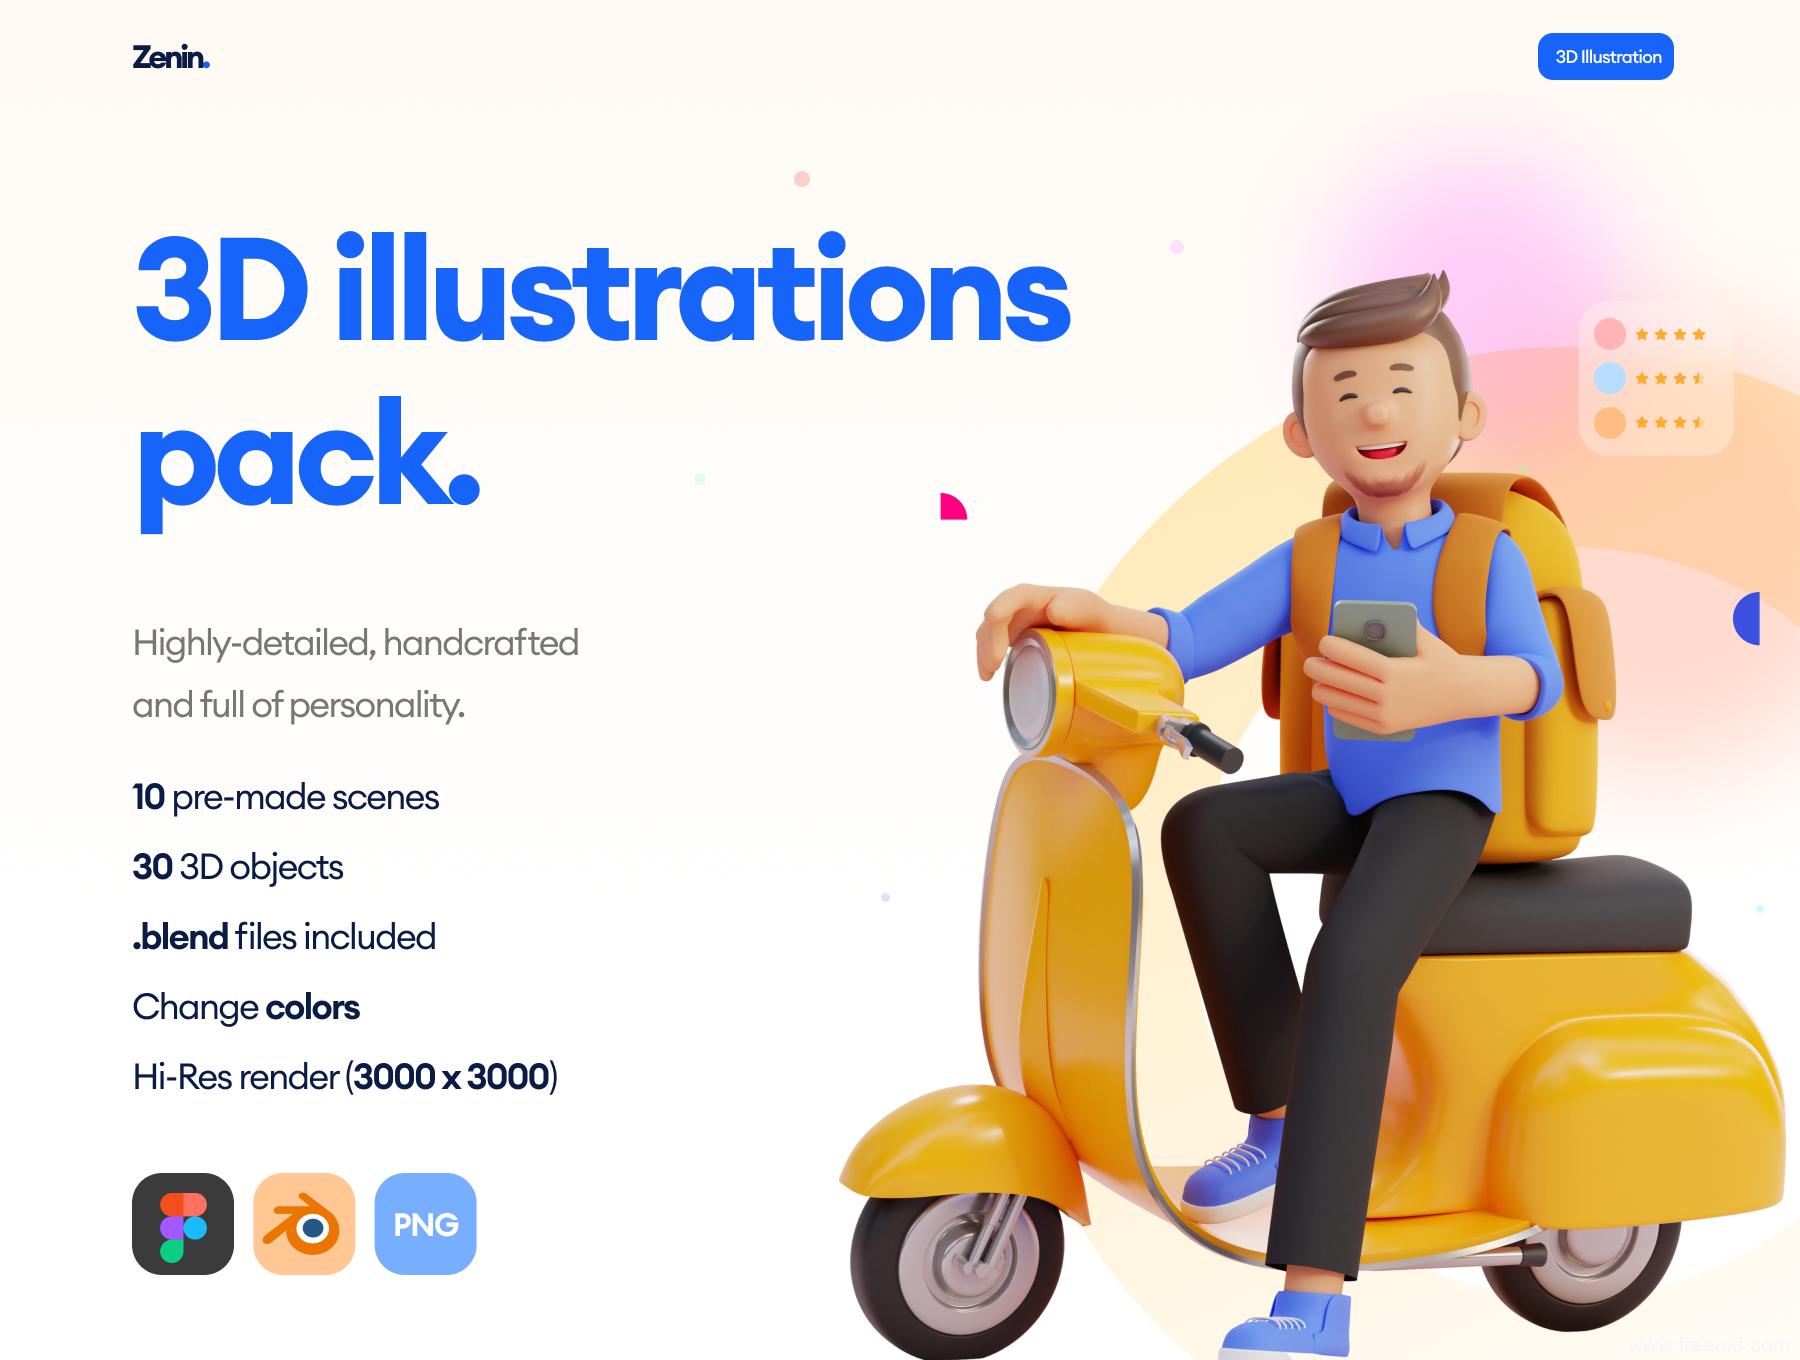 3D趣味插画资源下载,卡通风3D插画素材,3D运营资源插画素材下载